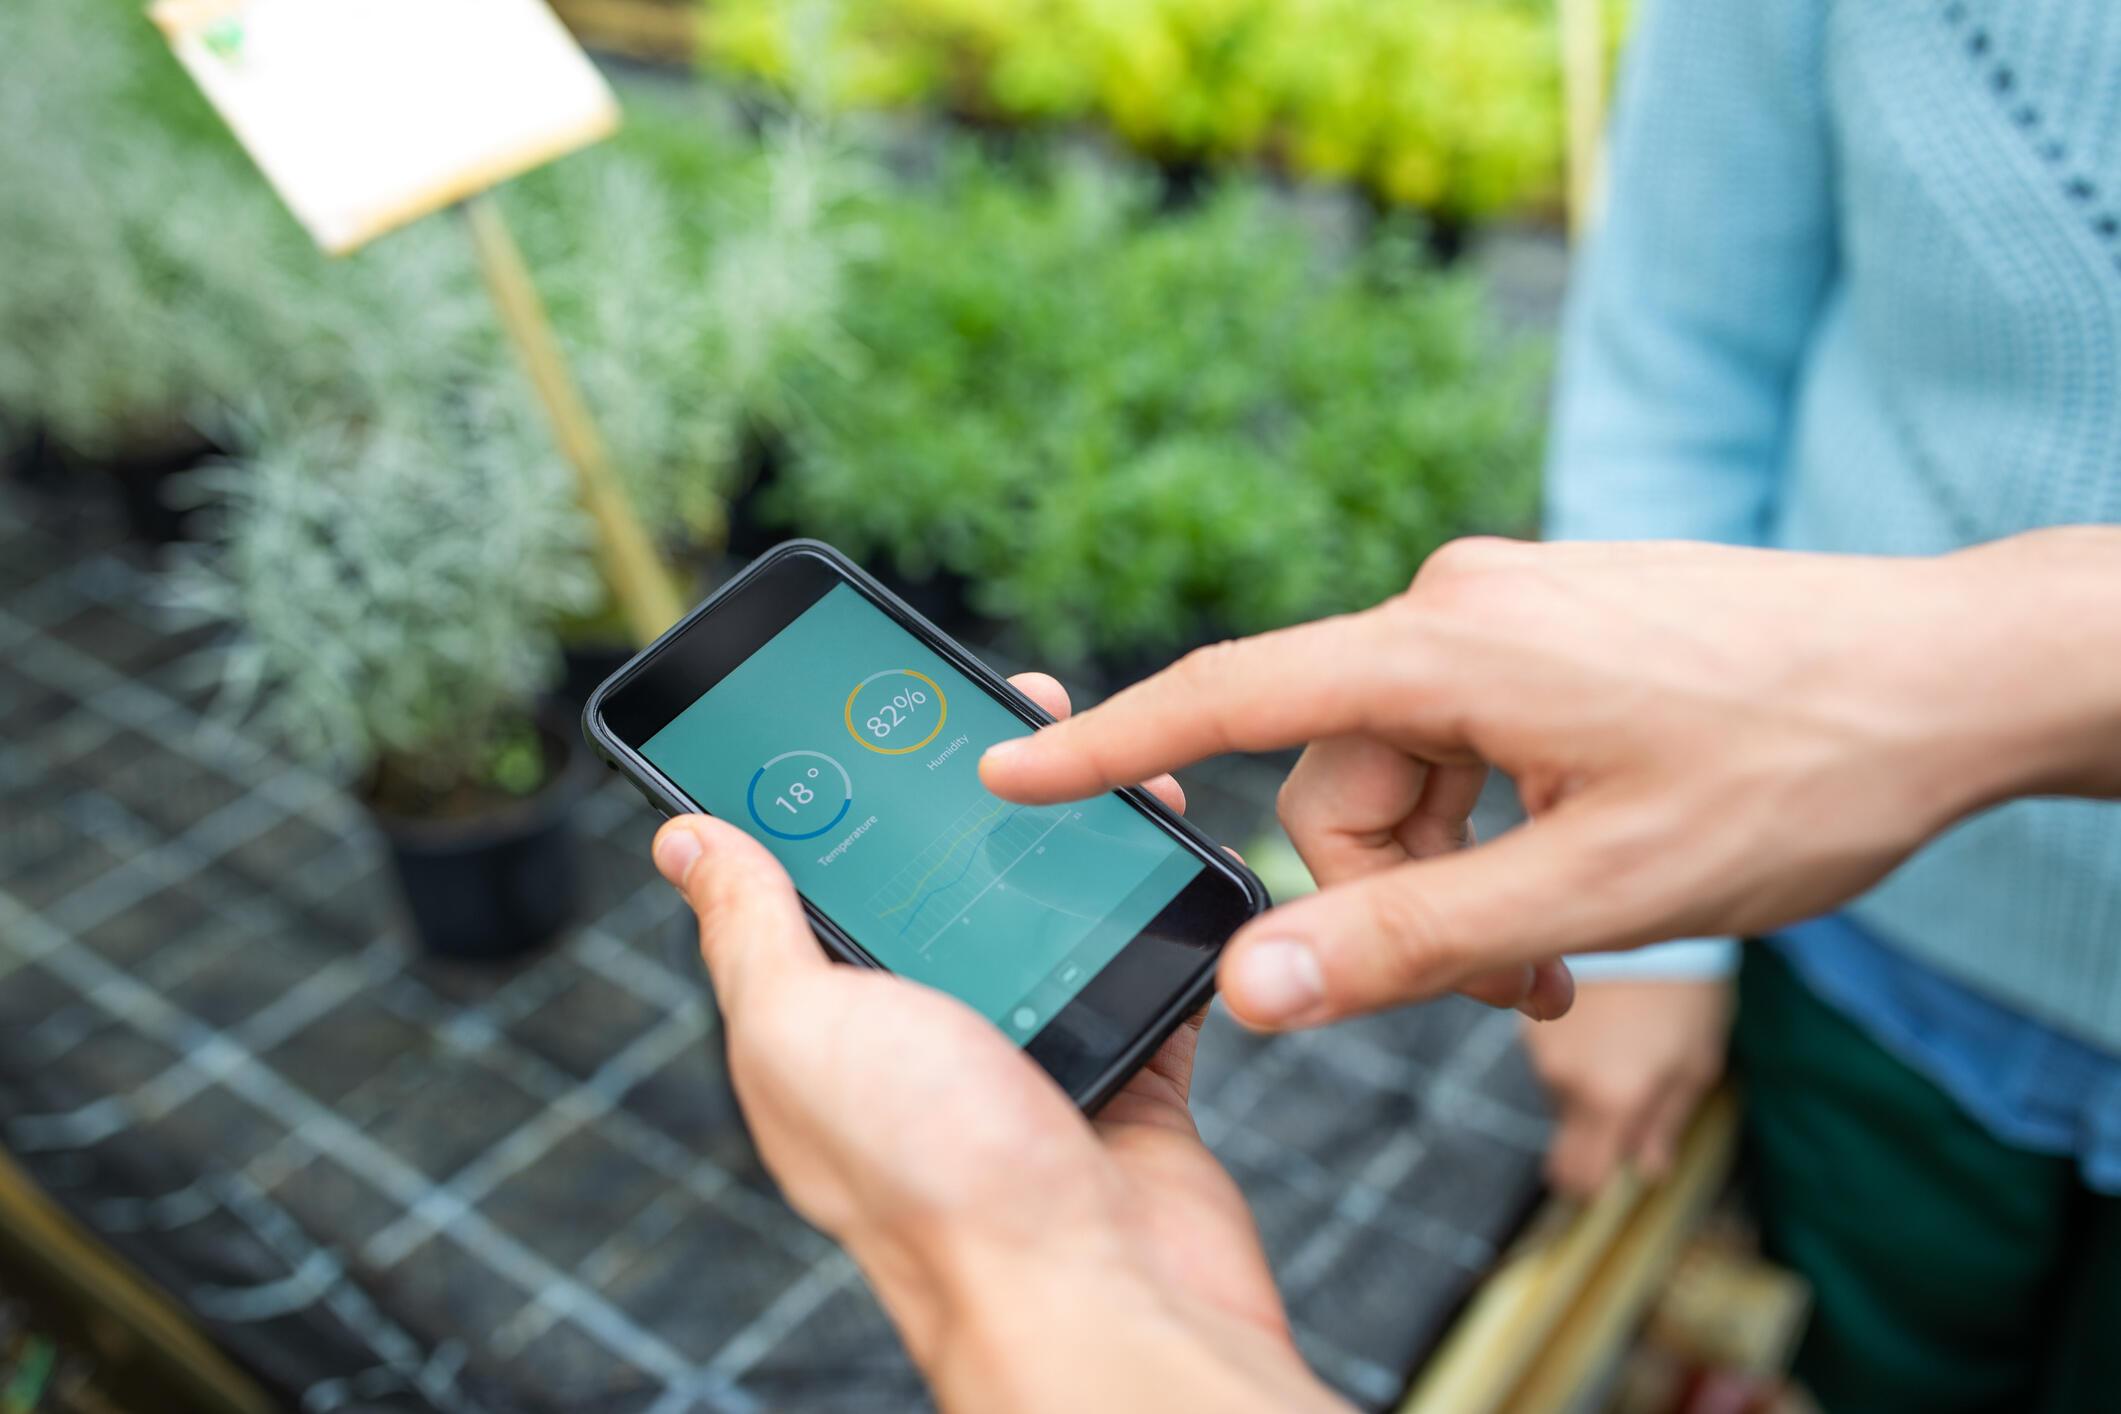 De l'agriculture connectée, aux plateformes sociales en passant par les produits cosmétiques bios, se trouve peut-être parmi ces jeunes créateurs d'entreprises l'un des futurs champions européens de la Net-économie et du développement durable.